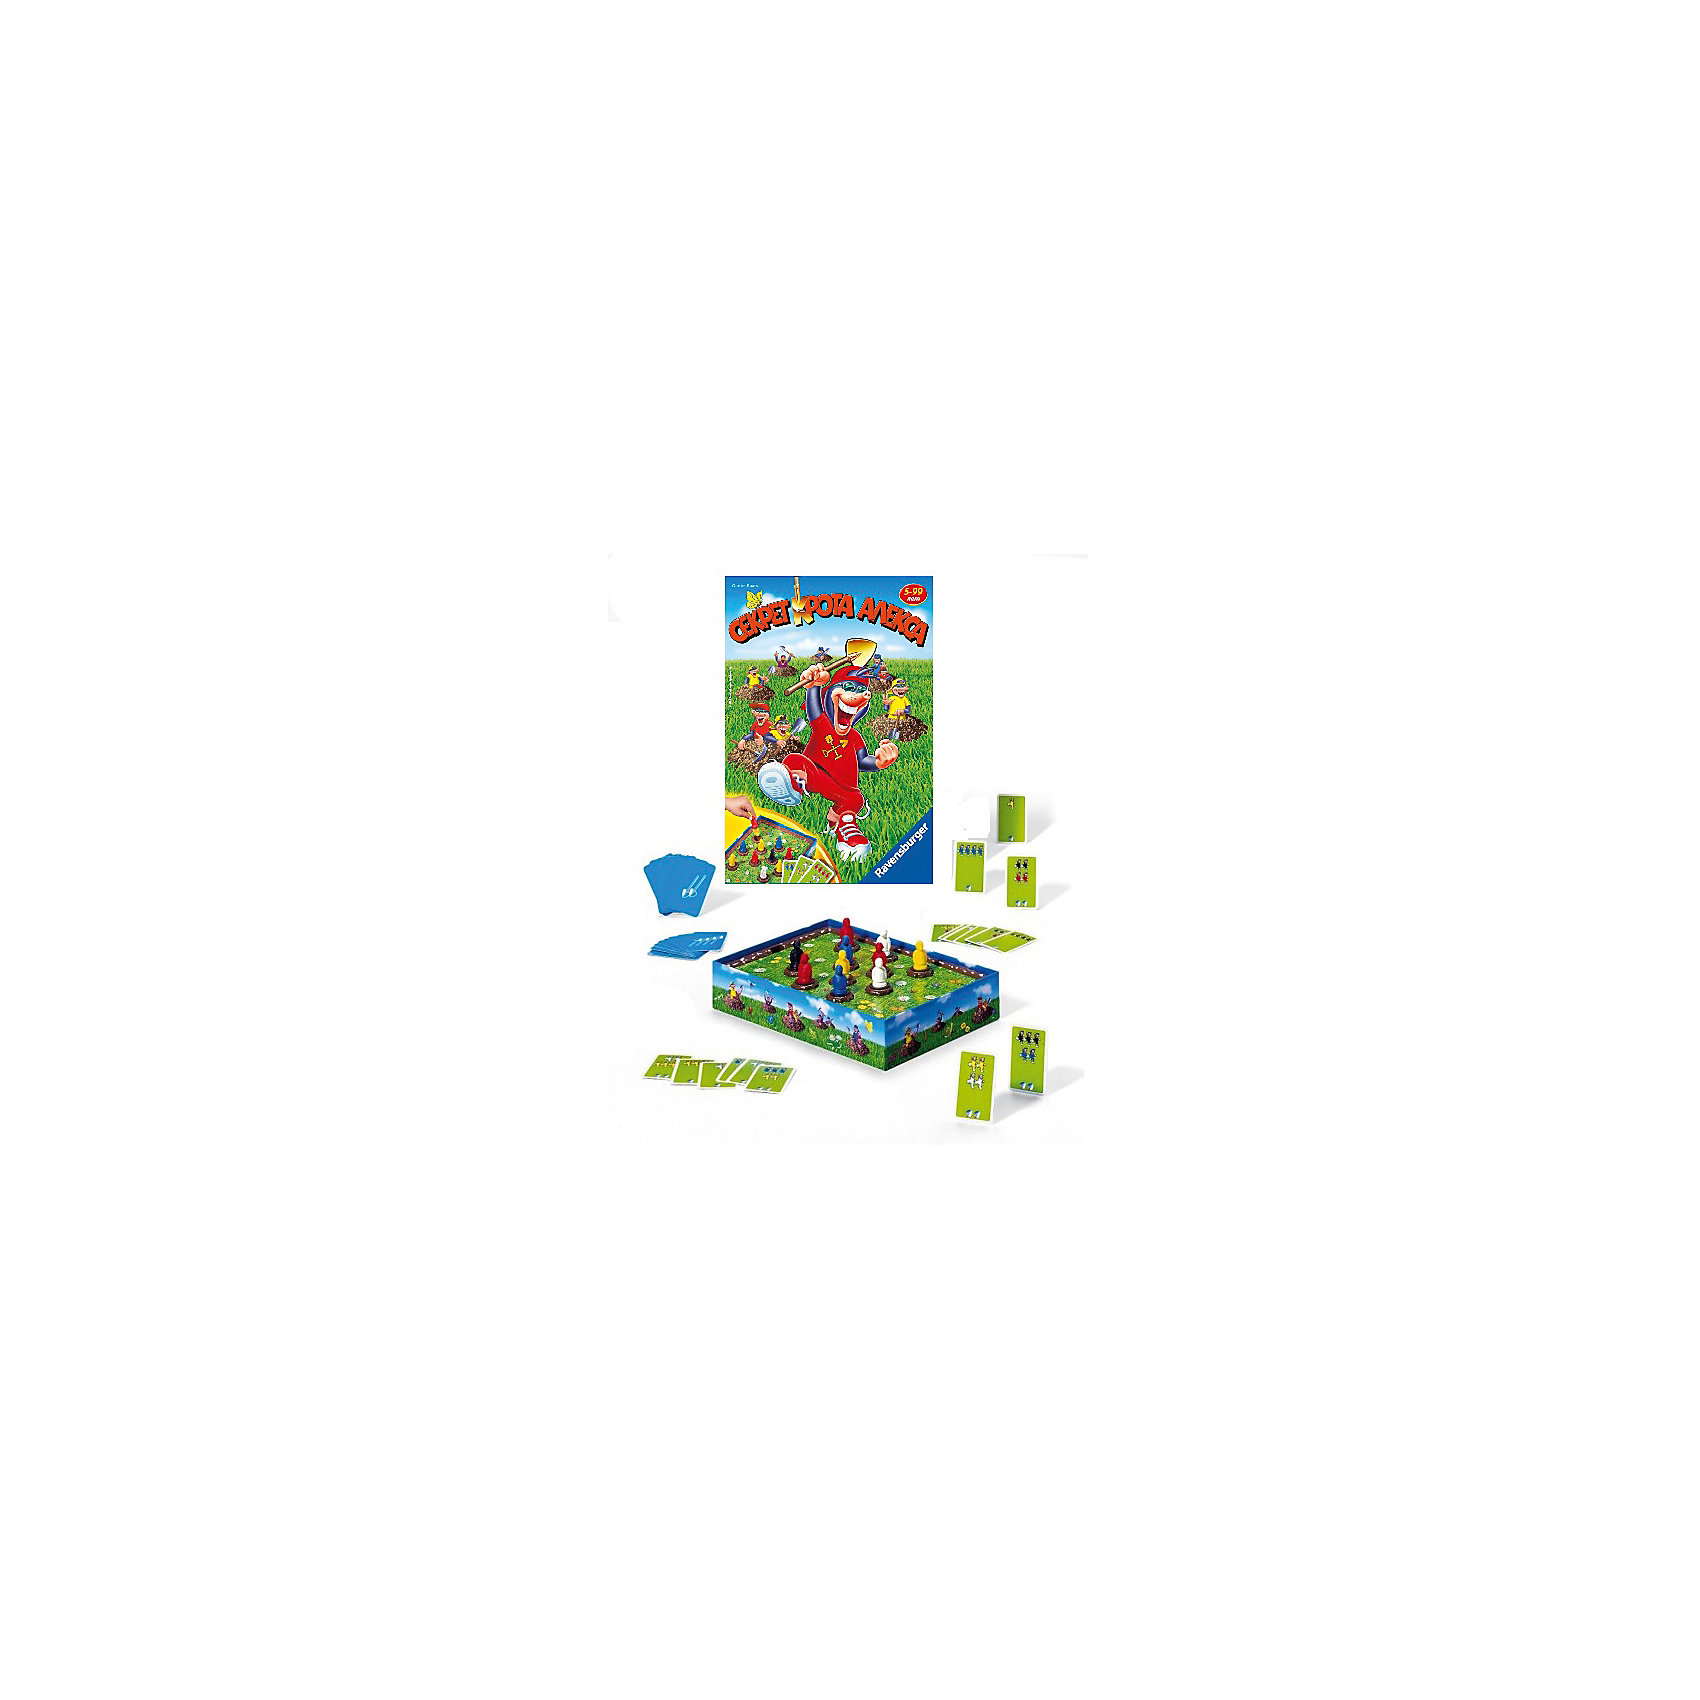 Игра Секрет крота Алекса, RavensburgerИгры для развлечений<br>Игра Секрет крота Алекса, Ravensburger (Равенсбургер) – это увлекательная настольная игра для семейного досуга.<br>Цель игры: отыскать необходимое количество кротов разных цветов на поле. Игроки в произвольном порядке расставляют кротов на поле и формируют колоду из карточек с заданиями, располагая их в порядке возрастания: одна лопата – легкие задания, три лопаты – сложные, четыре лопаты – задания для профессионалов. За выполнение заданий игроки будут получать не очки, а лопаты, число которых изображено с обратной стороны карточки. Каждый игрок получает по одной карточке задания. Игрок должен постараться перевернуть кротов так, чтобы на поле присутствовало необходимое количество кротов определенного цвета. Игрок обязан сделать ровно три переворота фишек. Игрок, выполнивший задание оставляет у себя карточку, берет новую и передает ход следующему игроку. Игрок, не сумевший за три переворота выполнить условие на карточке, также передает ход, но свое задание он будет исполнять снова, когда до него дойдет ход. Цель игры - выполнить как можно больше заданий и получить больше всего лопат. Игра развивает память.<br><br>Дополнительная информация:<br><br>- В комплекте: 10 фигурок кротов, 30 карточек с заданиями, игровое поле, правила игры<br>- Материал: картон, пластик<br>- Количество игроков: от 2 до 6 человек<br>- Продолжительность игры: 20 мин.<br>- Размер коробки: 27,5 x 19,2 x 5,5 см.<br><br>Игру Секрет крота Алекса, Ravensburger (Равенсбургер) можно купить в нашем интернет-магазине.<br><br>Ширина мм: 275<br>Глубина мм: 192<br>Высота мм: 55<br>Вес г: 0<br>Возраст от месяцев: 60<br>Возраст до месяцев: 192<br>Пол: Унисекс<br>Возраст: Детский<br>SKU: 4214569